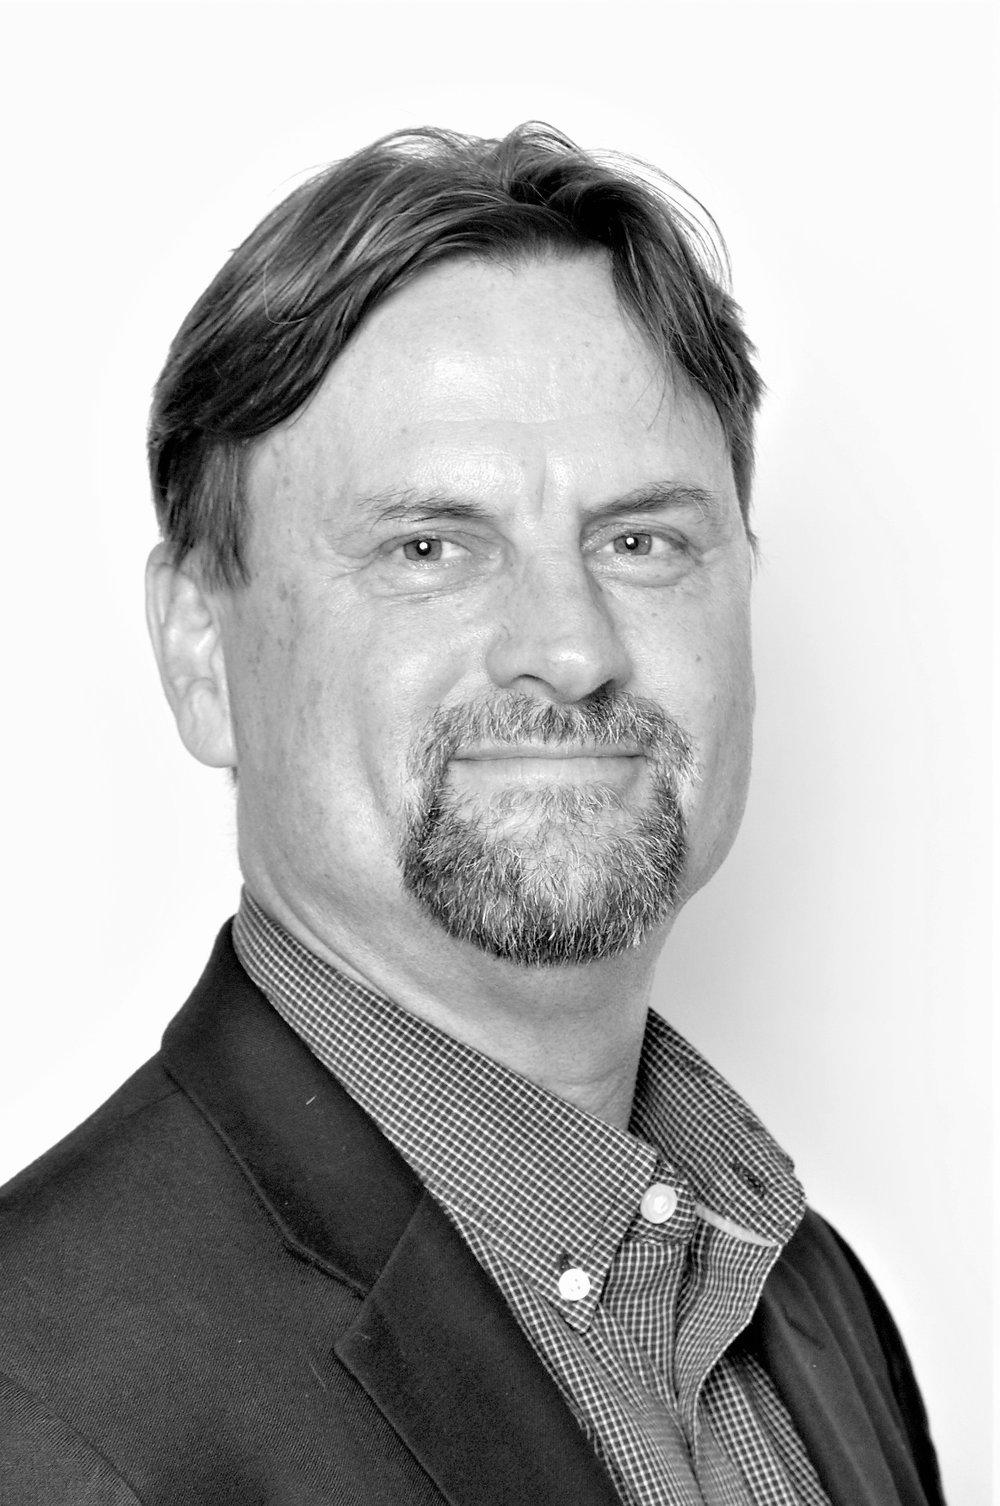 Chris Schexnayder